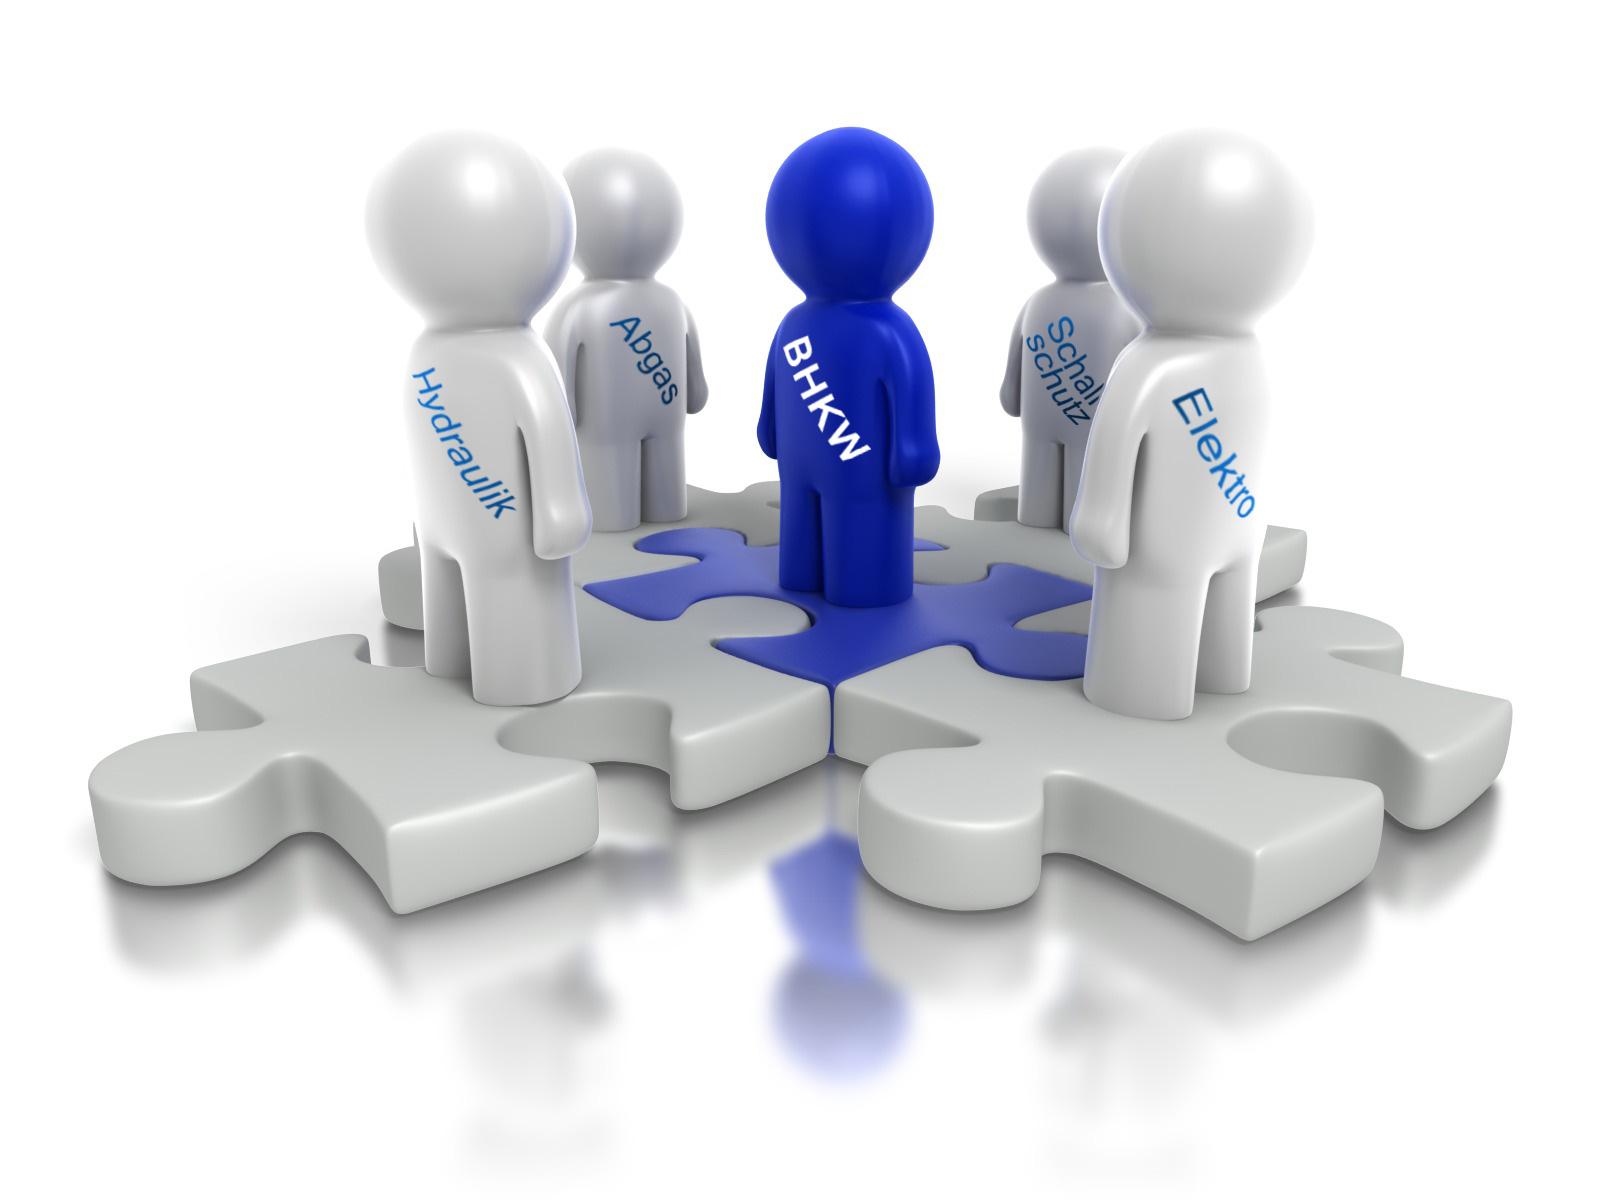 Die optimale technische Einbindung einer BHKW-Anlage ist wichtig für einen wirtschaftlichen BHKW-Betrieb (Bild: presentermedia / BHKW-Infozentrum)